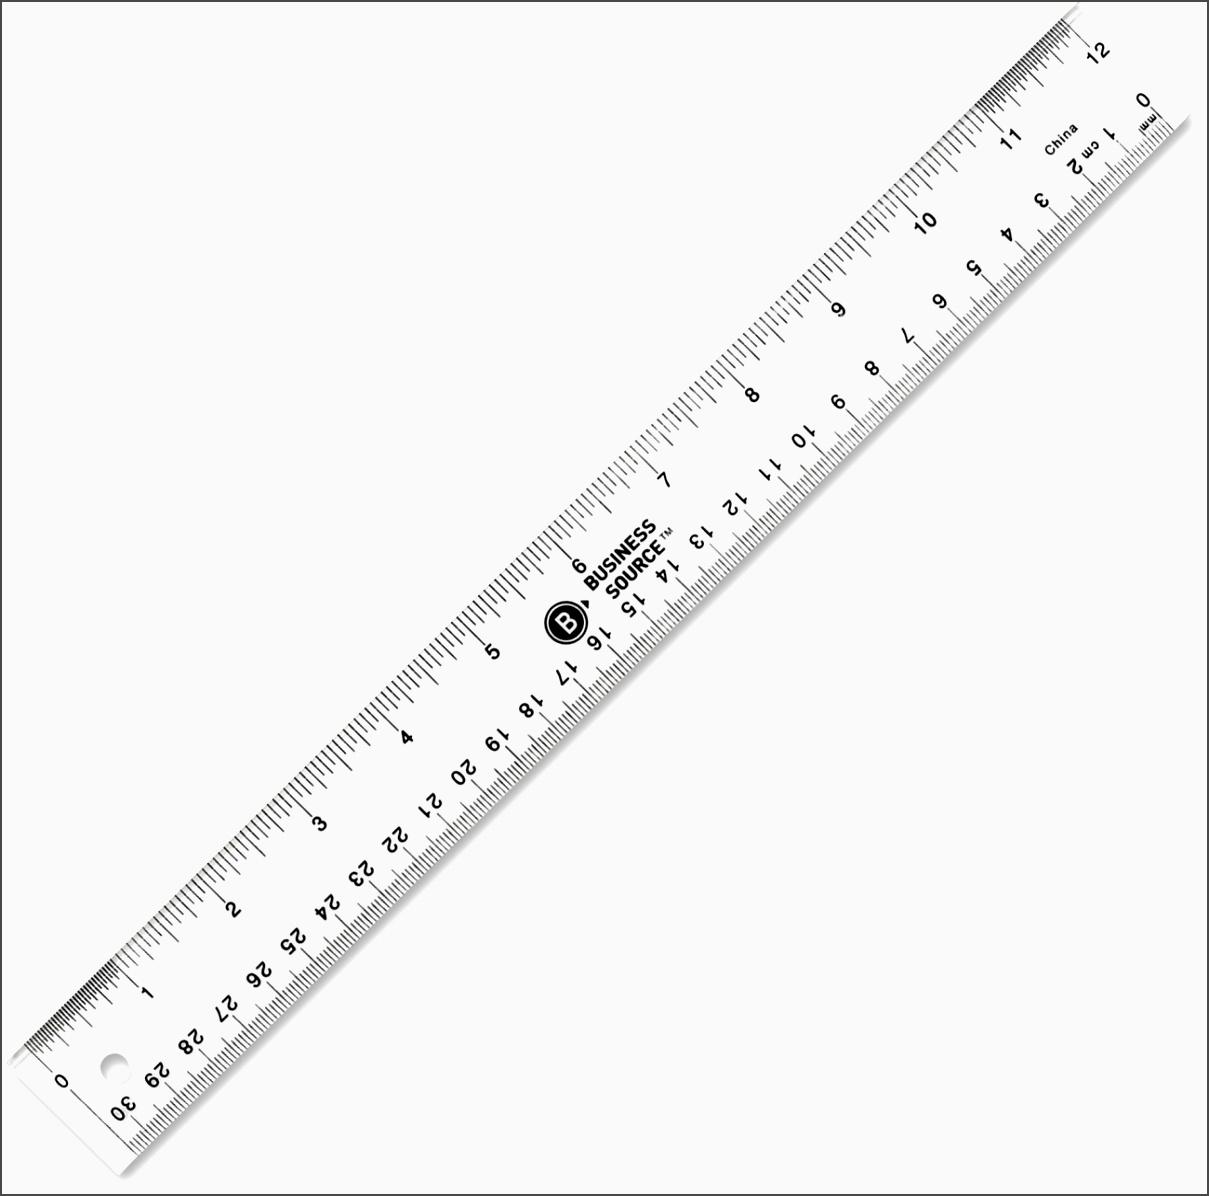 Printable Usable Ruler